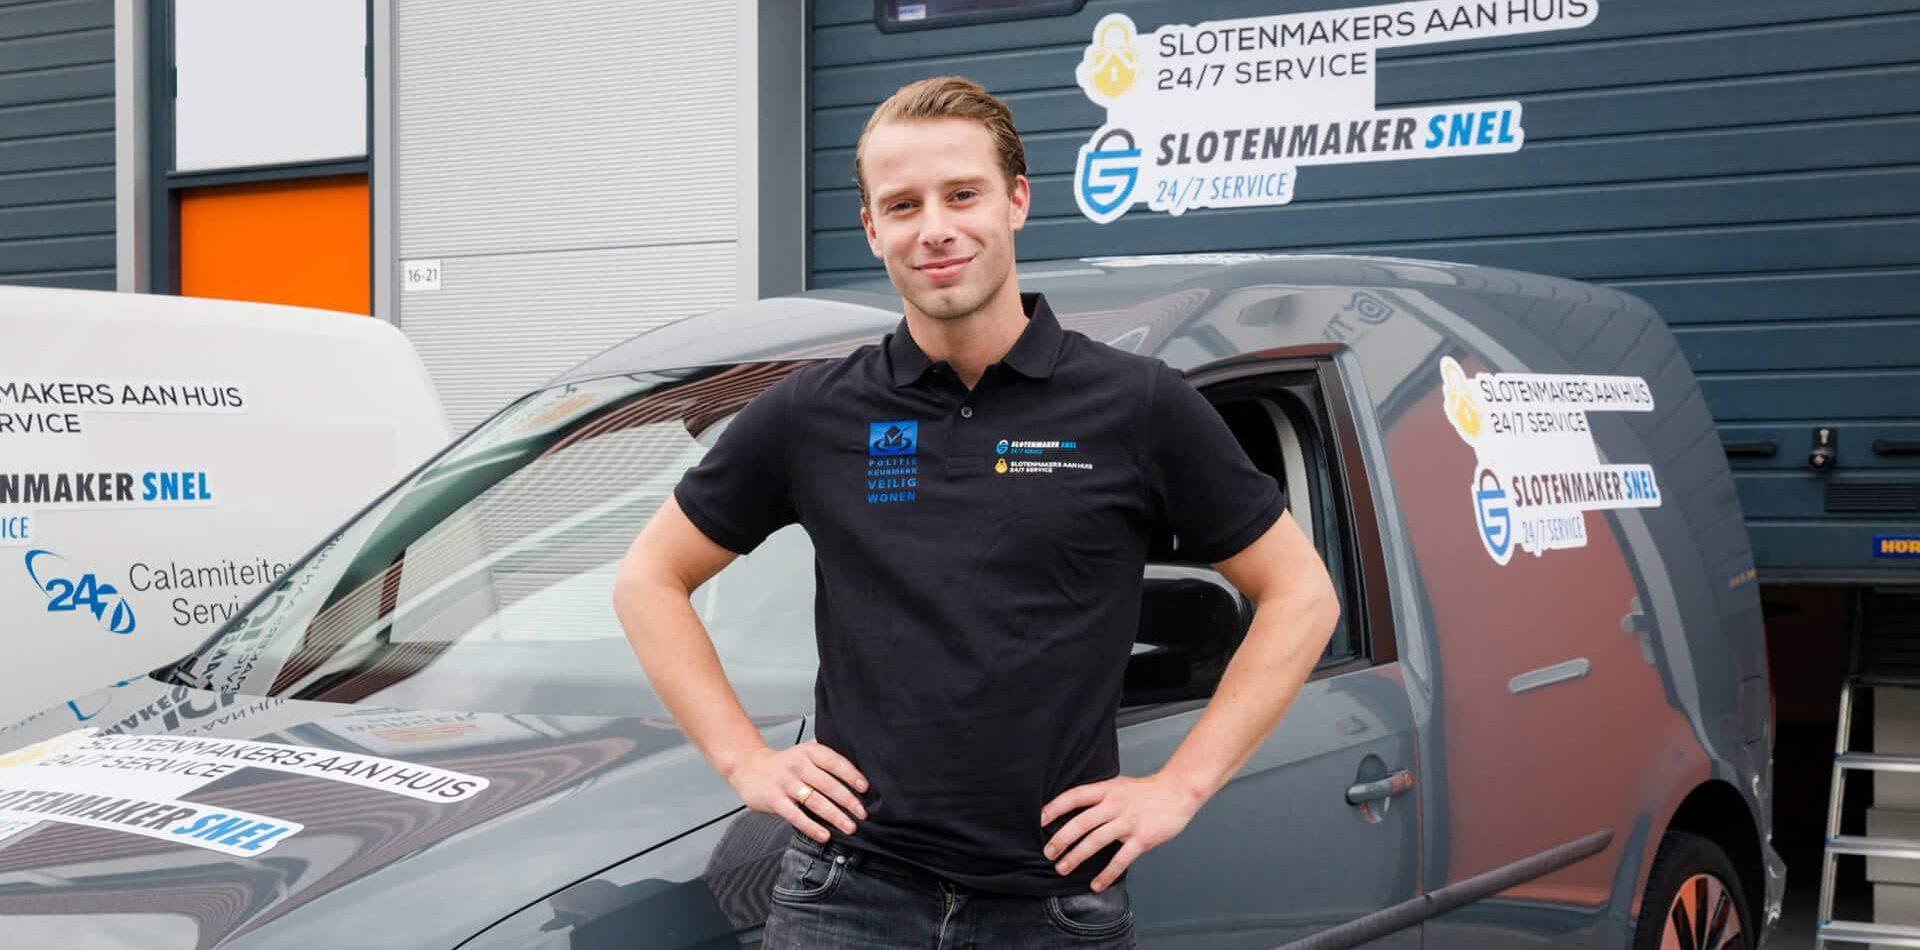 Slotenmaker Ede